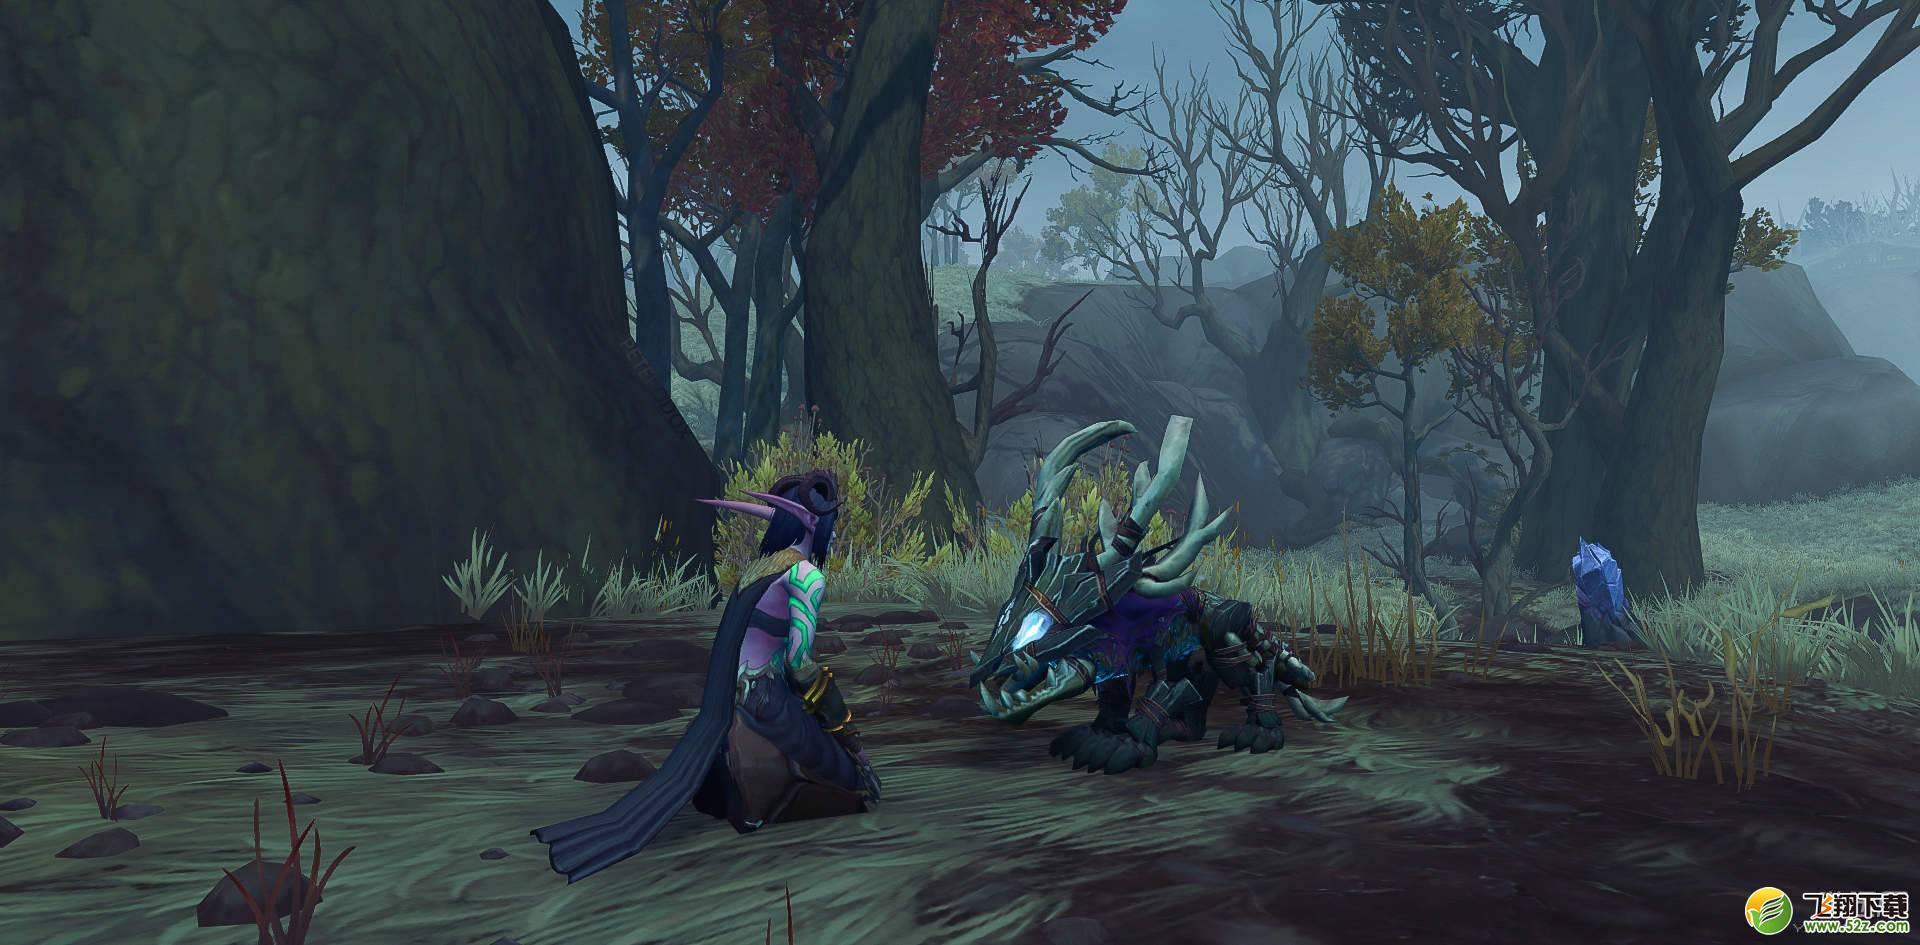 魔兽世界8.0隐藏宠物柳魔幼兽怎么获得 柳魔幼兽获取攻略